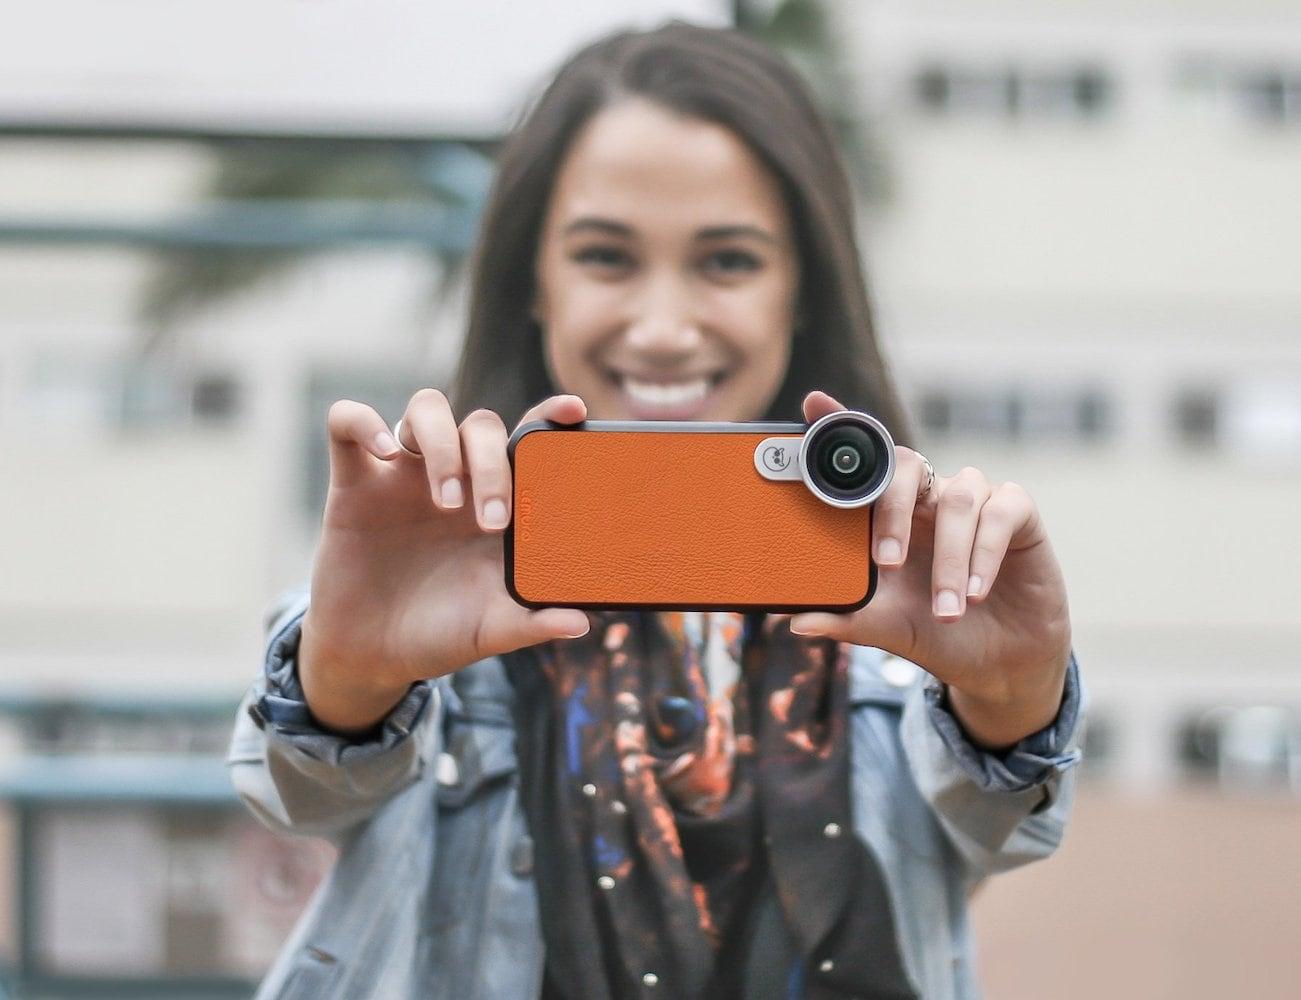 LEMURO – Premium Smartphone Lenses